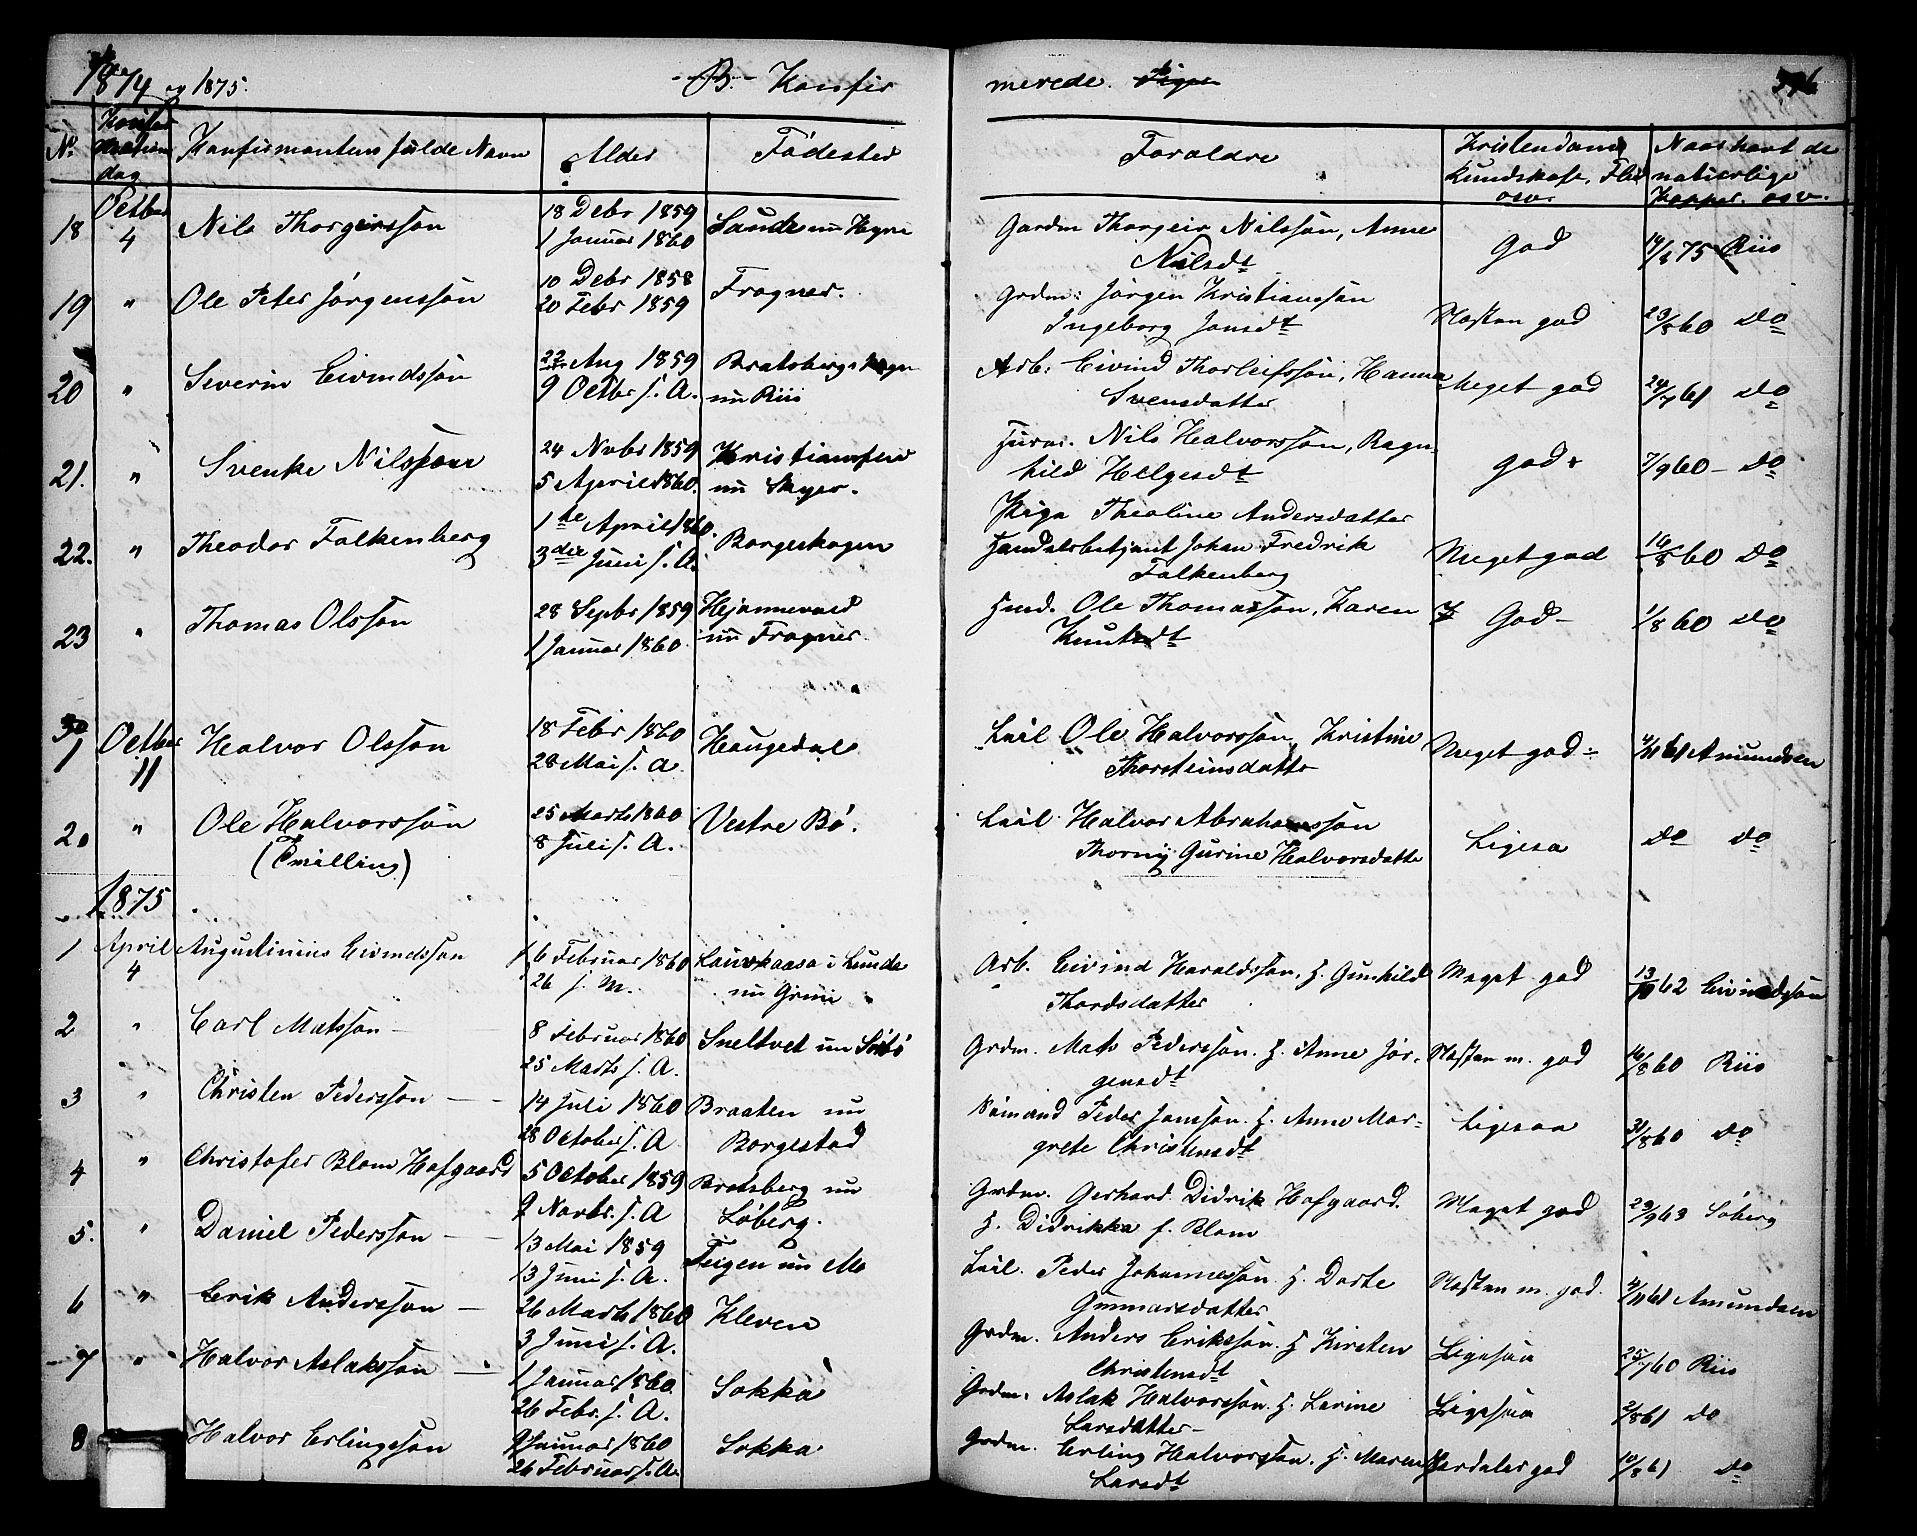 SAKO, Gjerpen kirkebøker, G/Ga/L0001: Klokkerbok nr. I 1, 1864-1882, s. 396